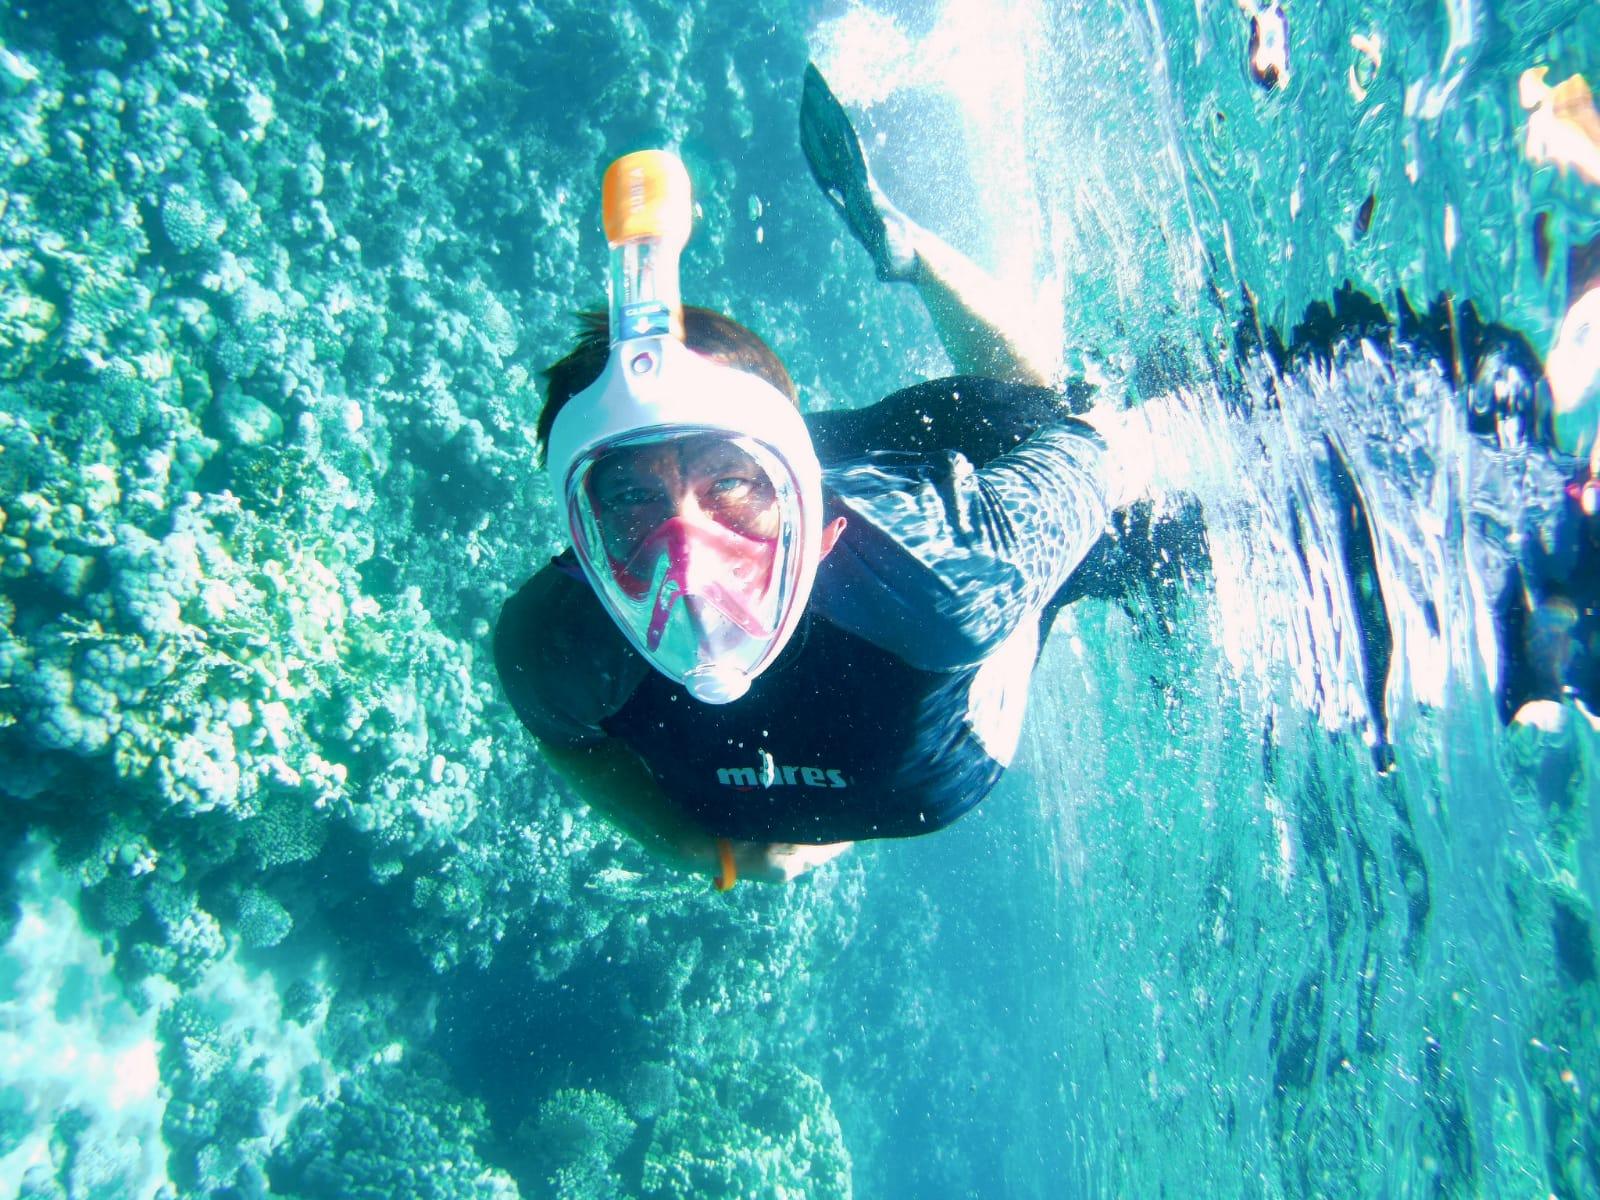 Ausflug zum Schnuppertauchen und Schnorcheln ab Safaga Hafen